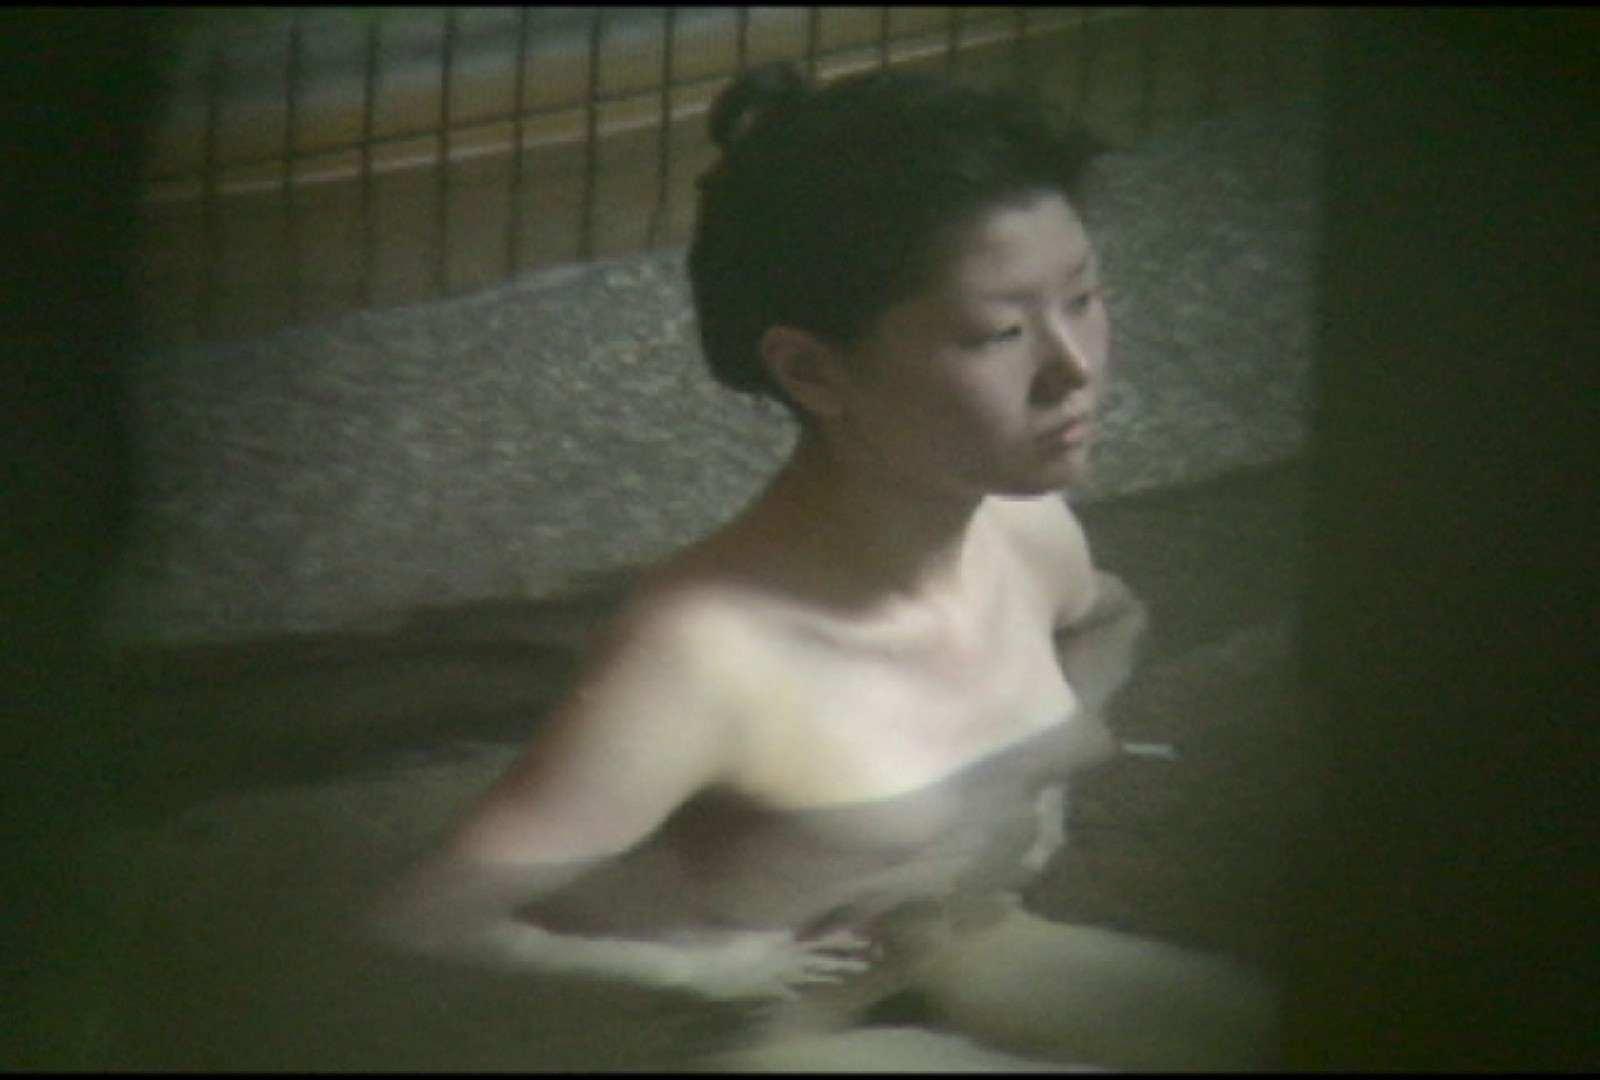 Aquaな露天風呂Vol.699 綺麗なOLたち | 盗撮  105枚 34